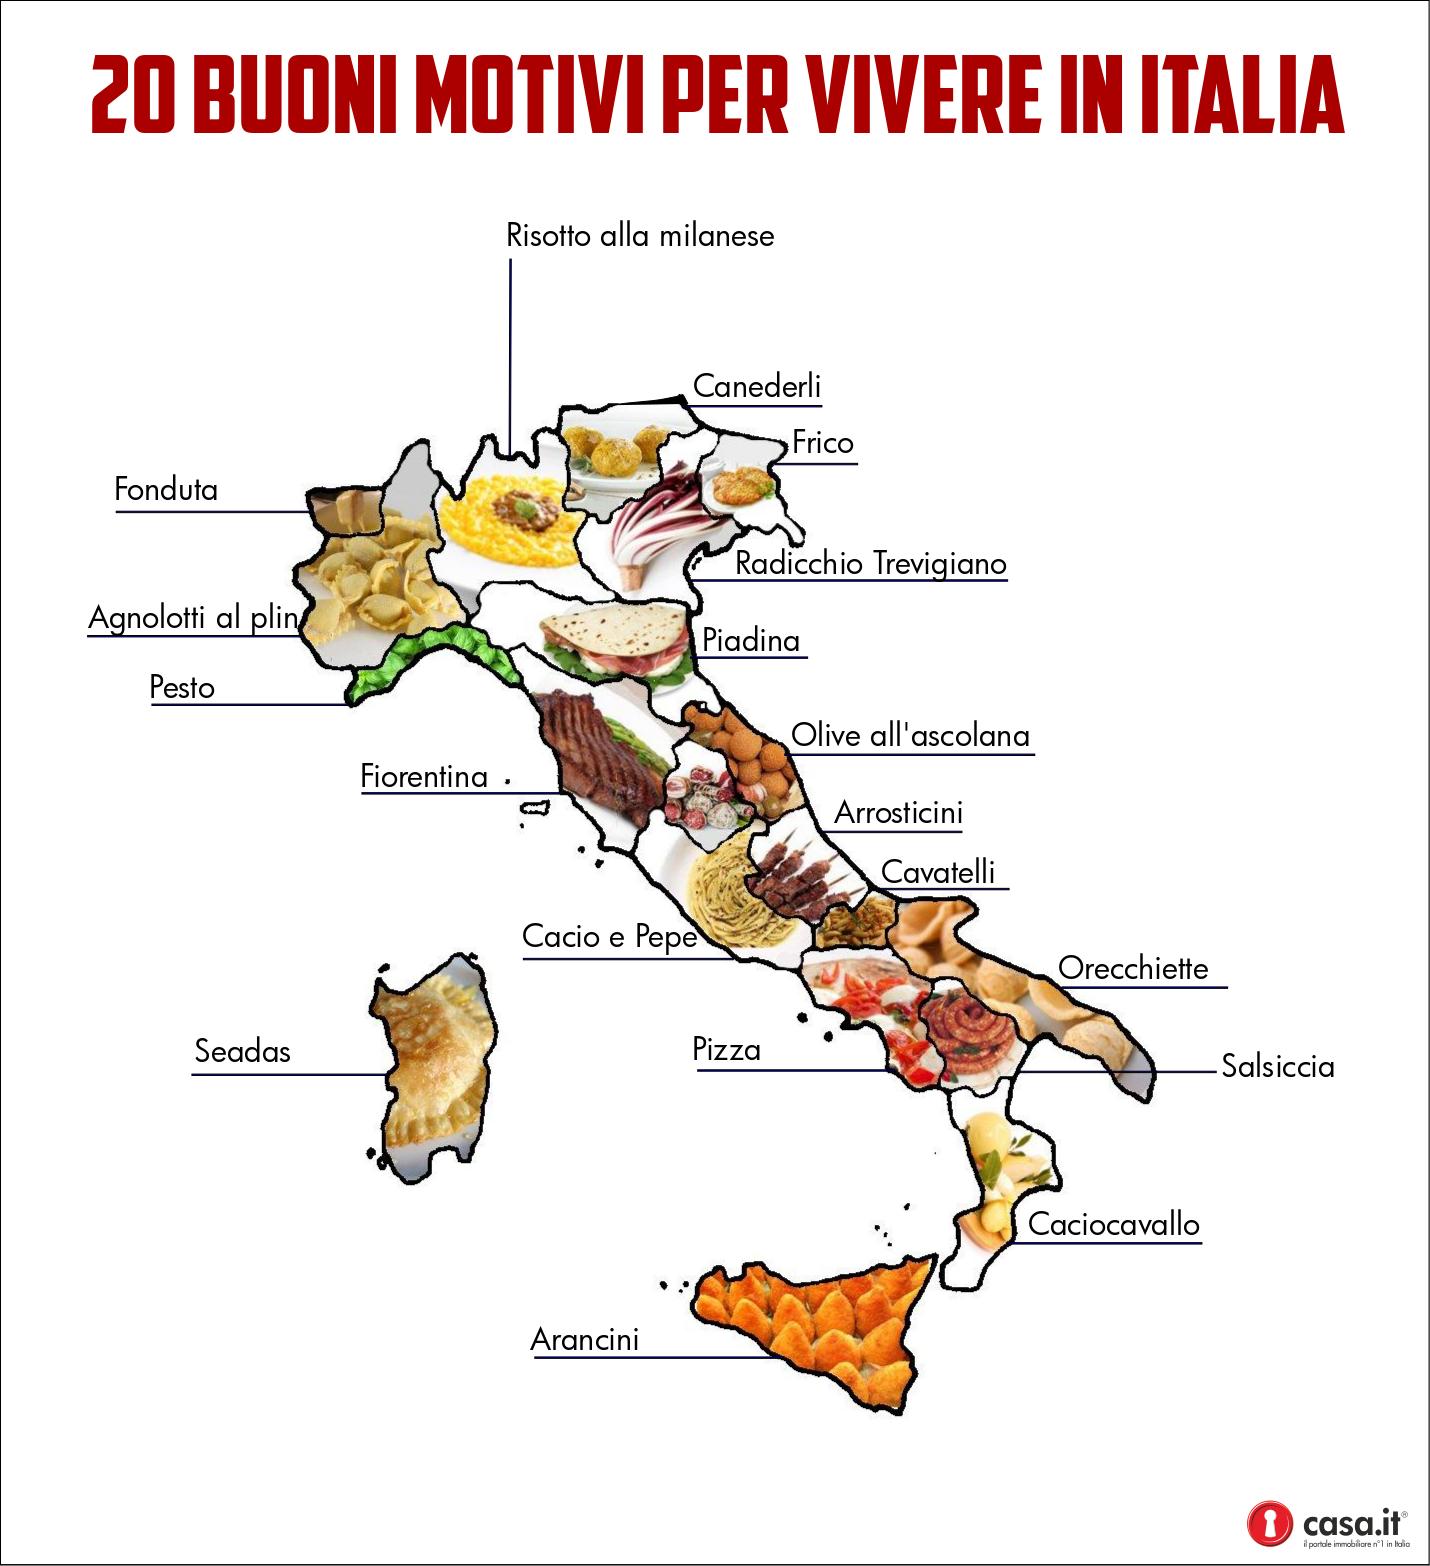 20 buoni motivi per vivere in italia piatti tipici italiani for Piatti tipici roma